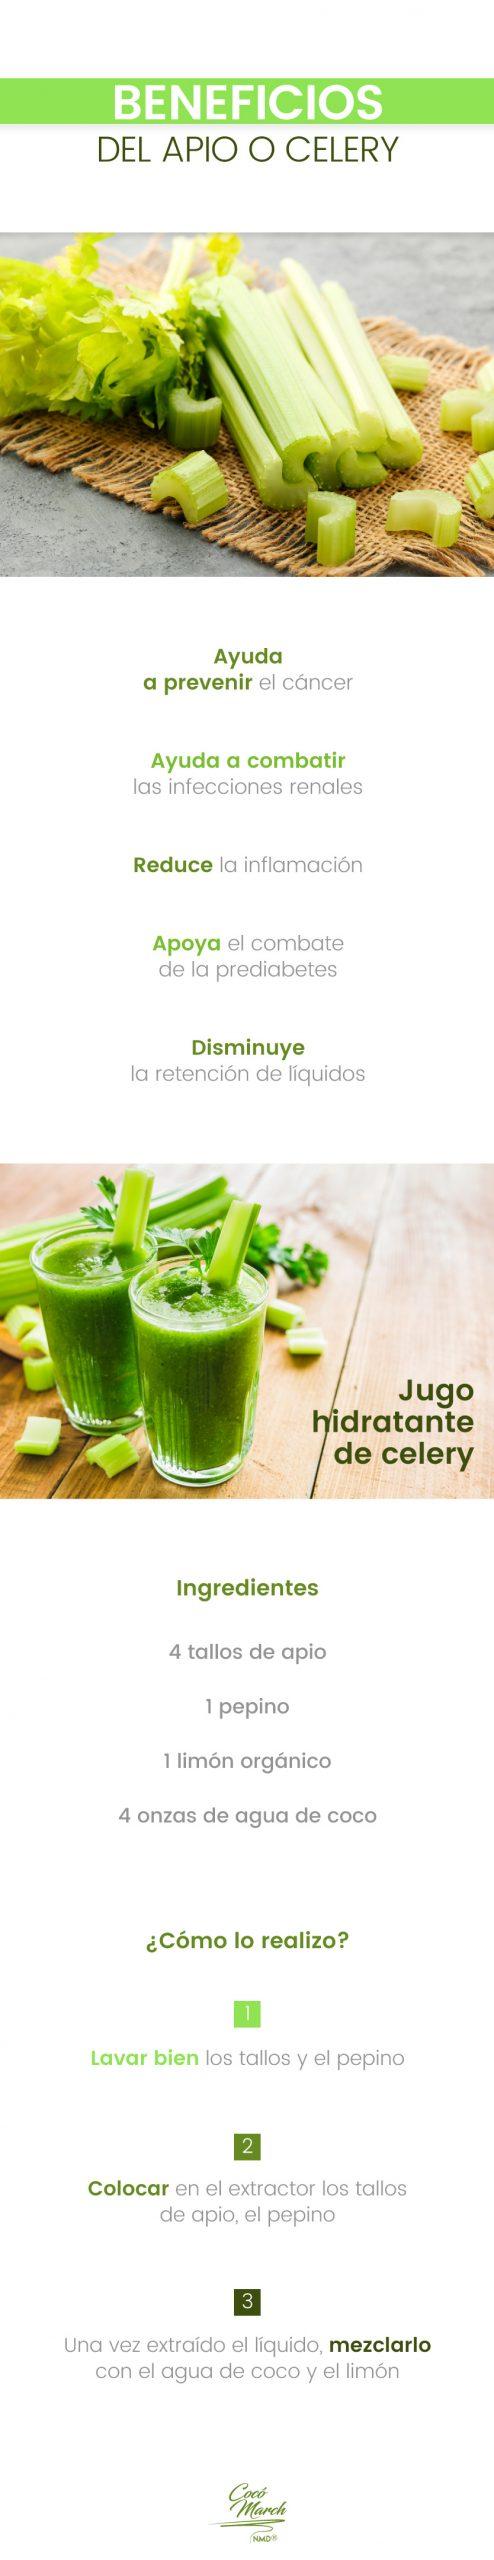 apio-o-celery-beneficios